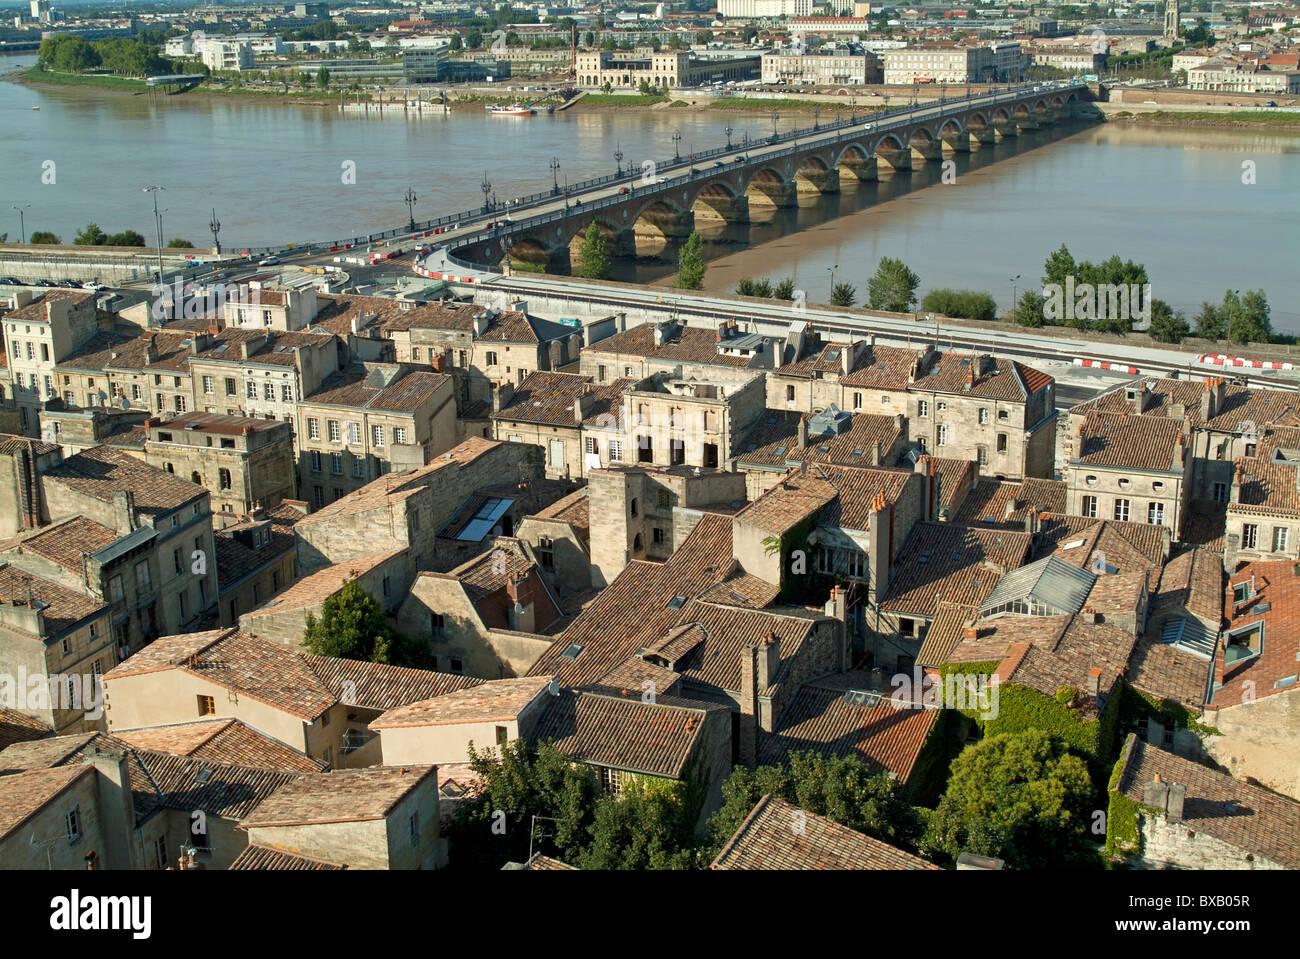 Bordeaux city, France - The Pont de Pierre over the Garonne river and surrounding city, Bordeaux, Gironde, France. - Stock Image